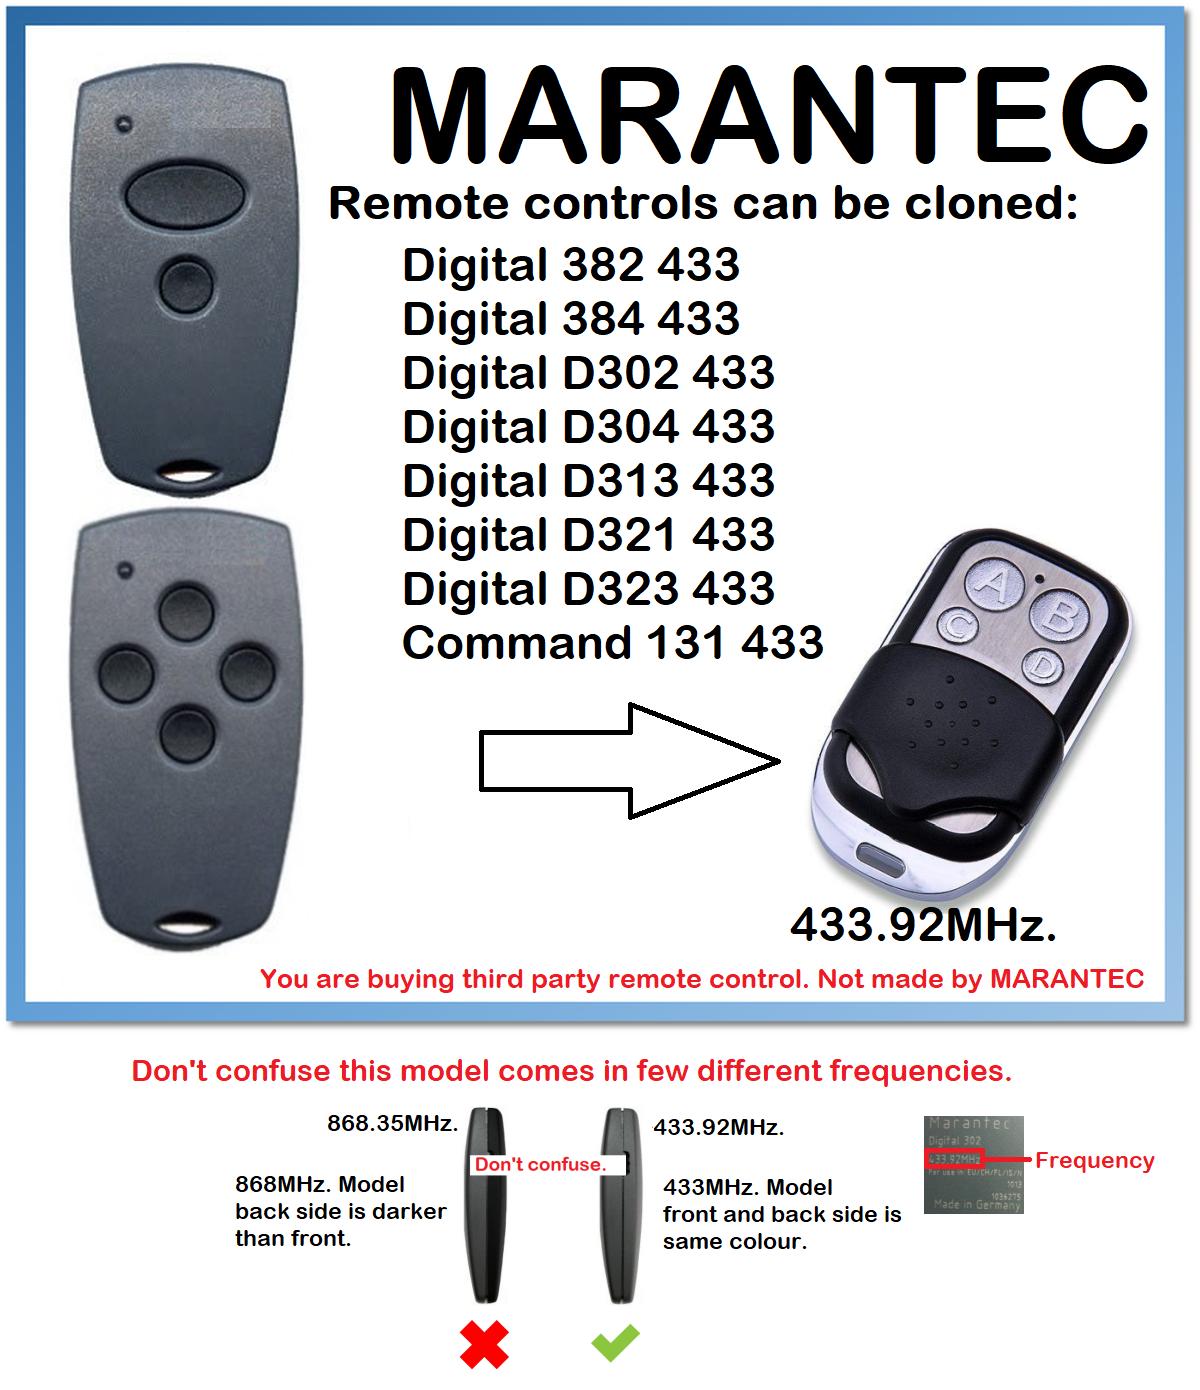 Marantec Digital D302, D304 433 Universal Remote Control Duplicator 433.92MHz Fixed Code